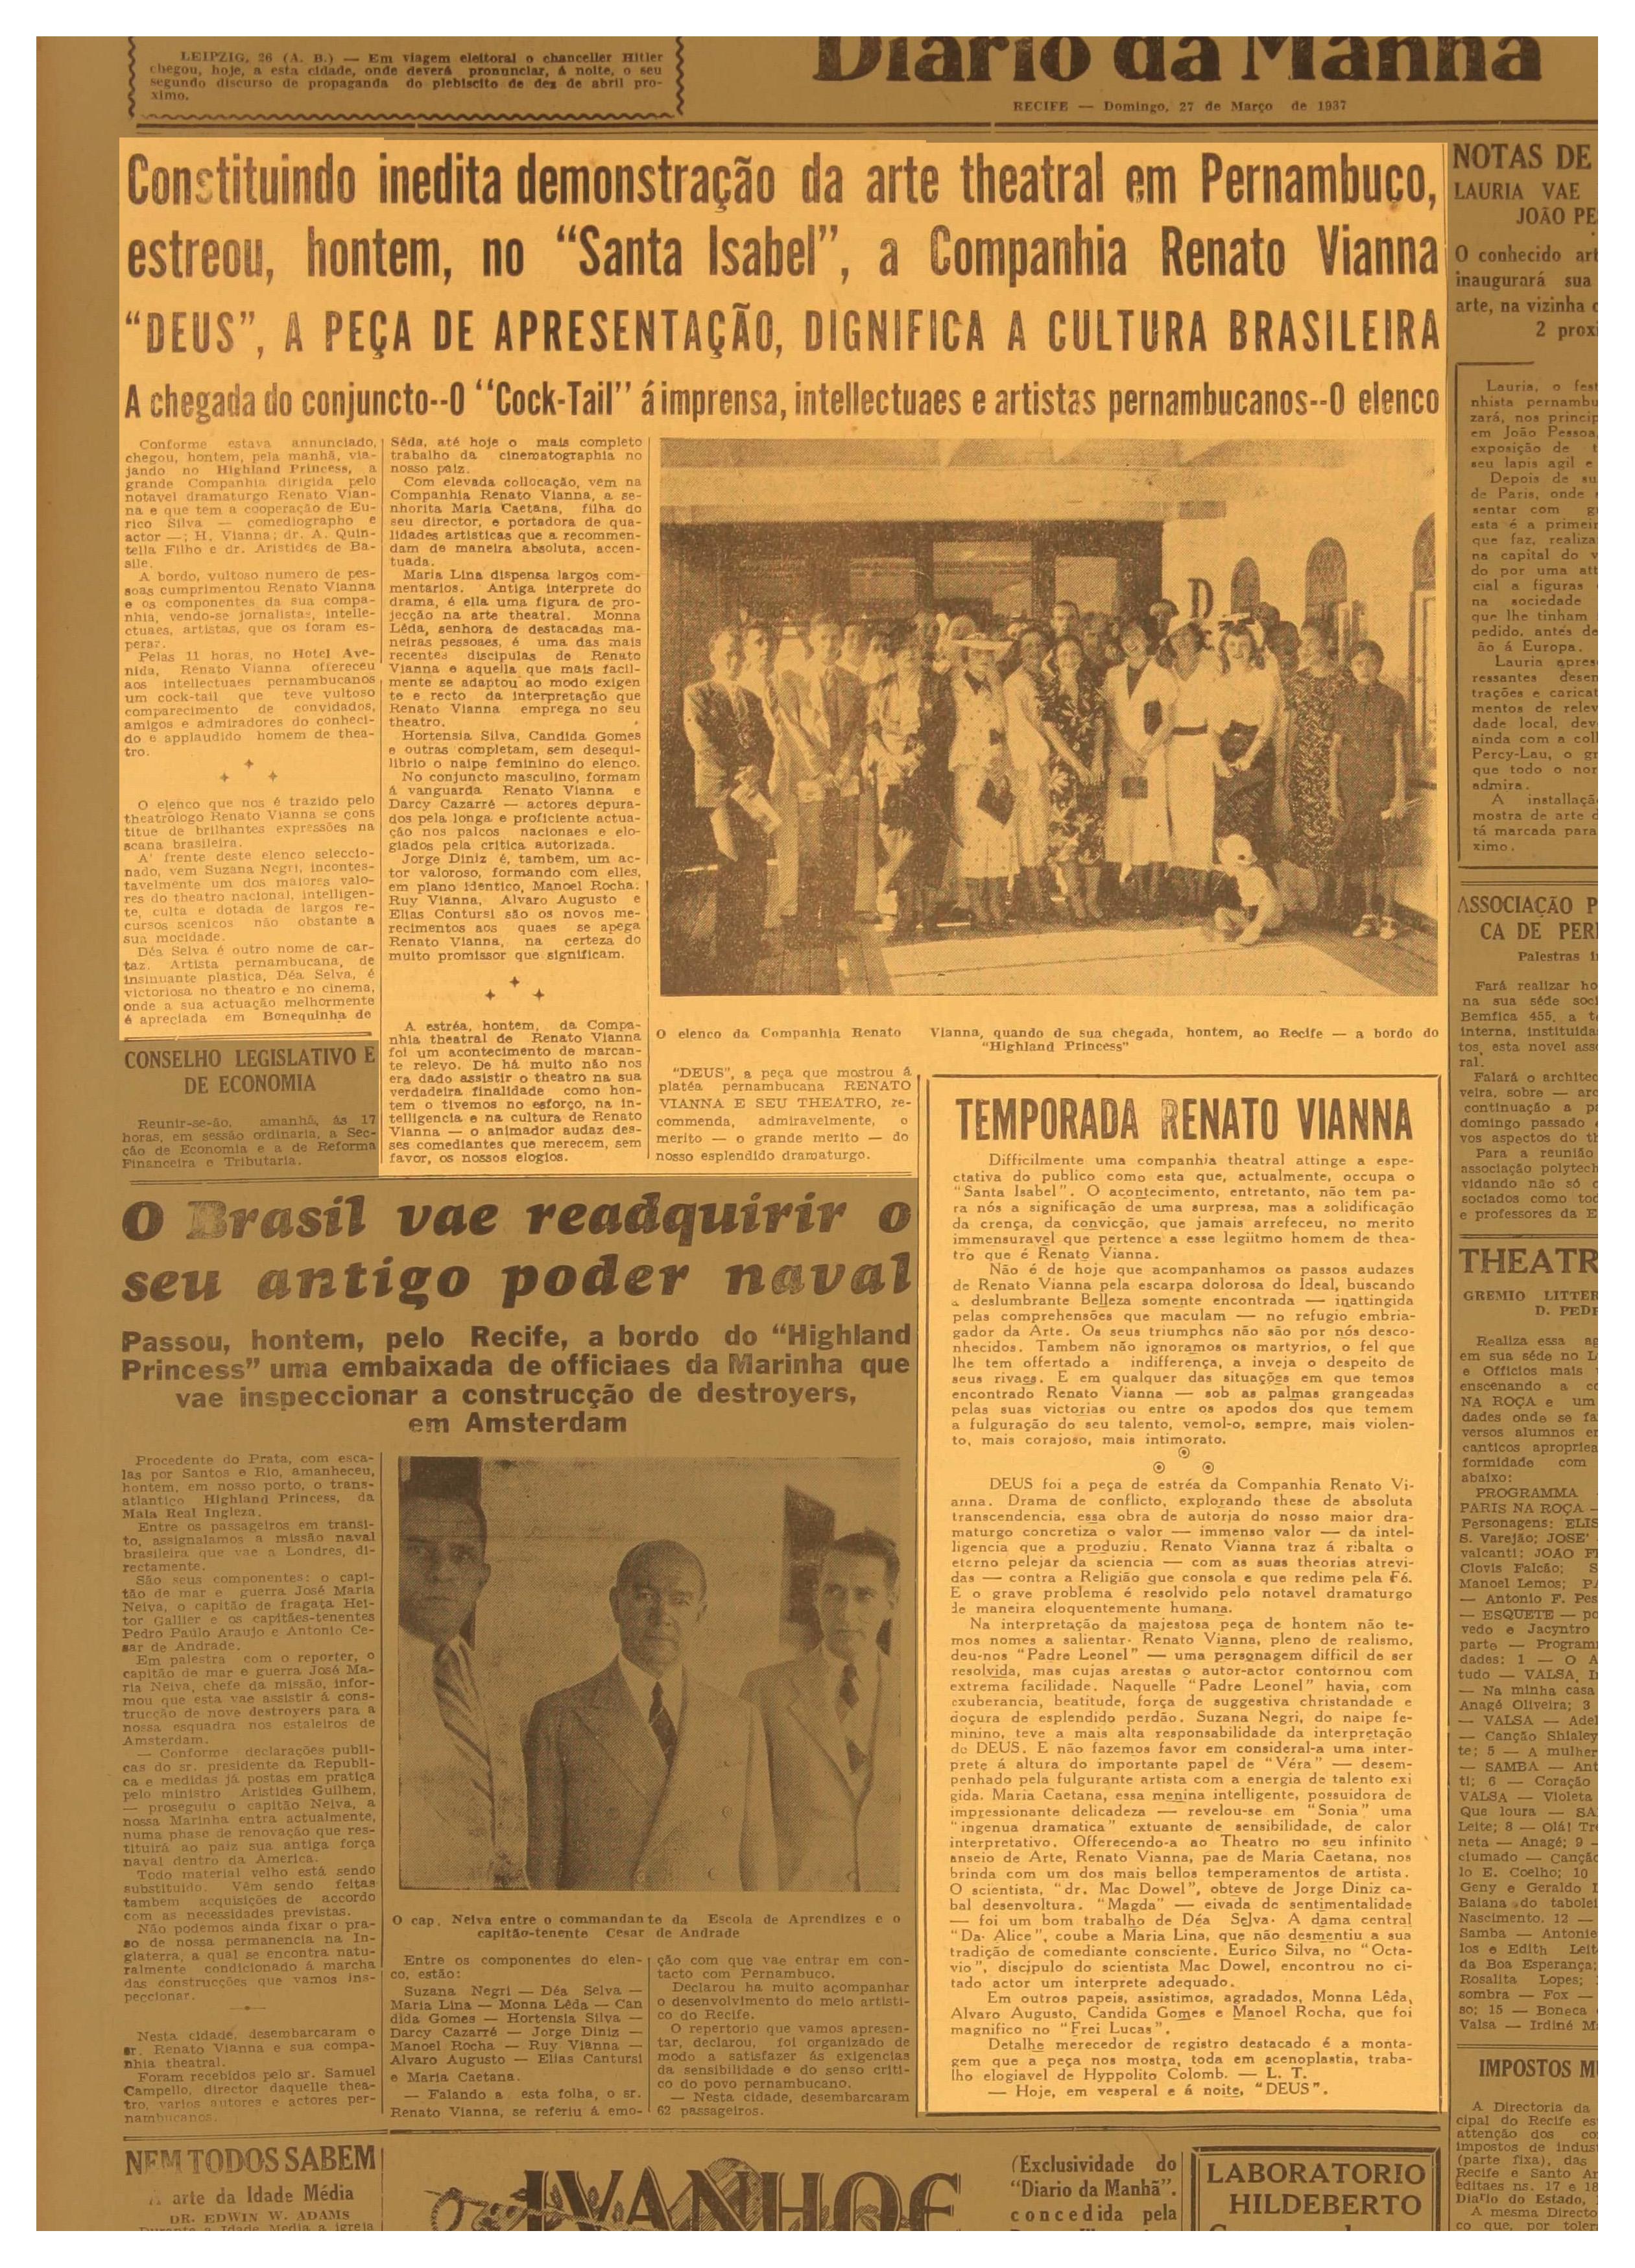 Suzana-Negri-1938-03-27_DiárioDaManhã_Recife-PE-2-copy.jpg